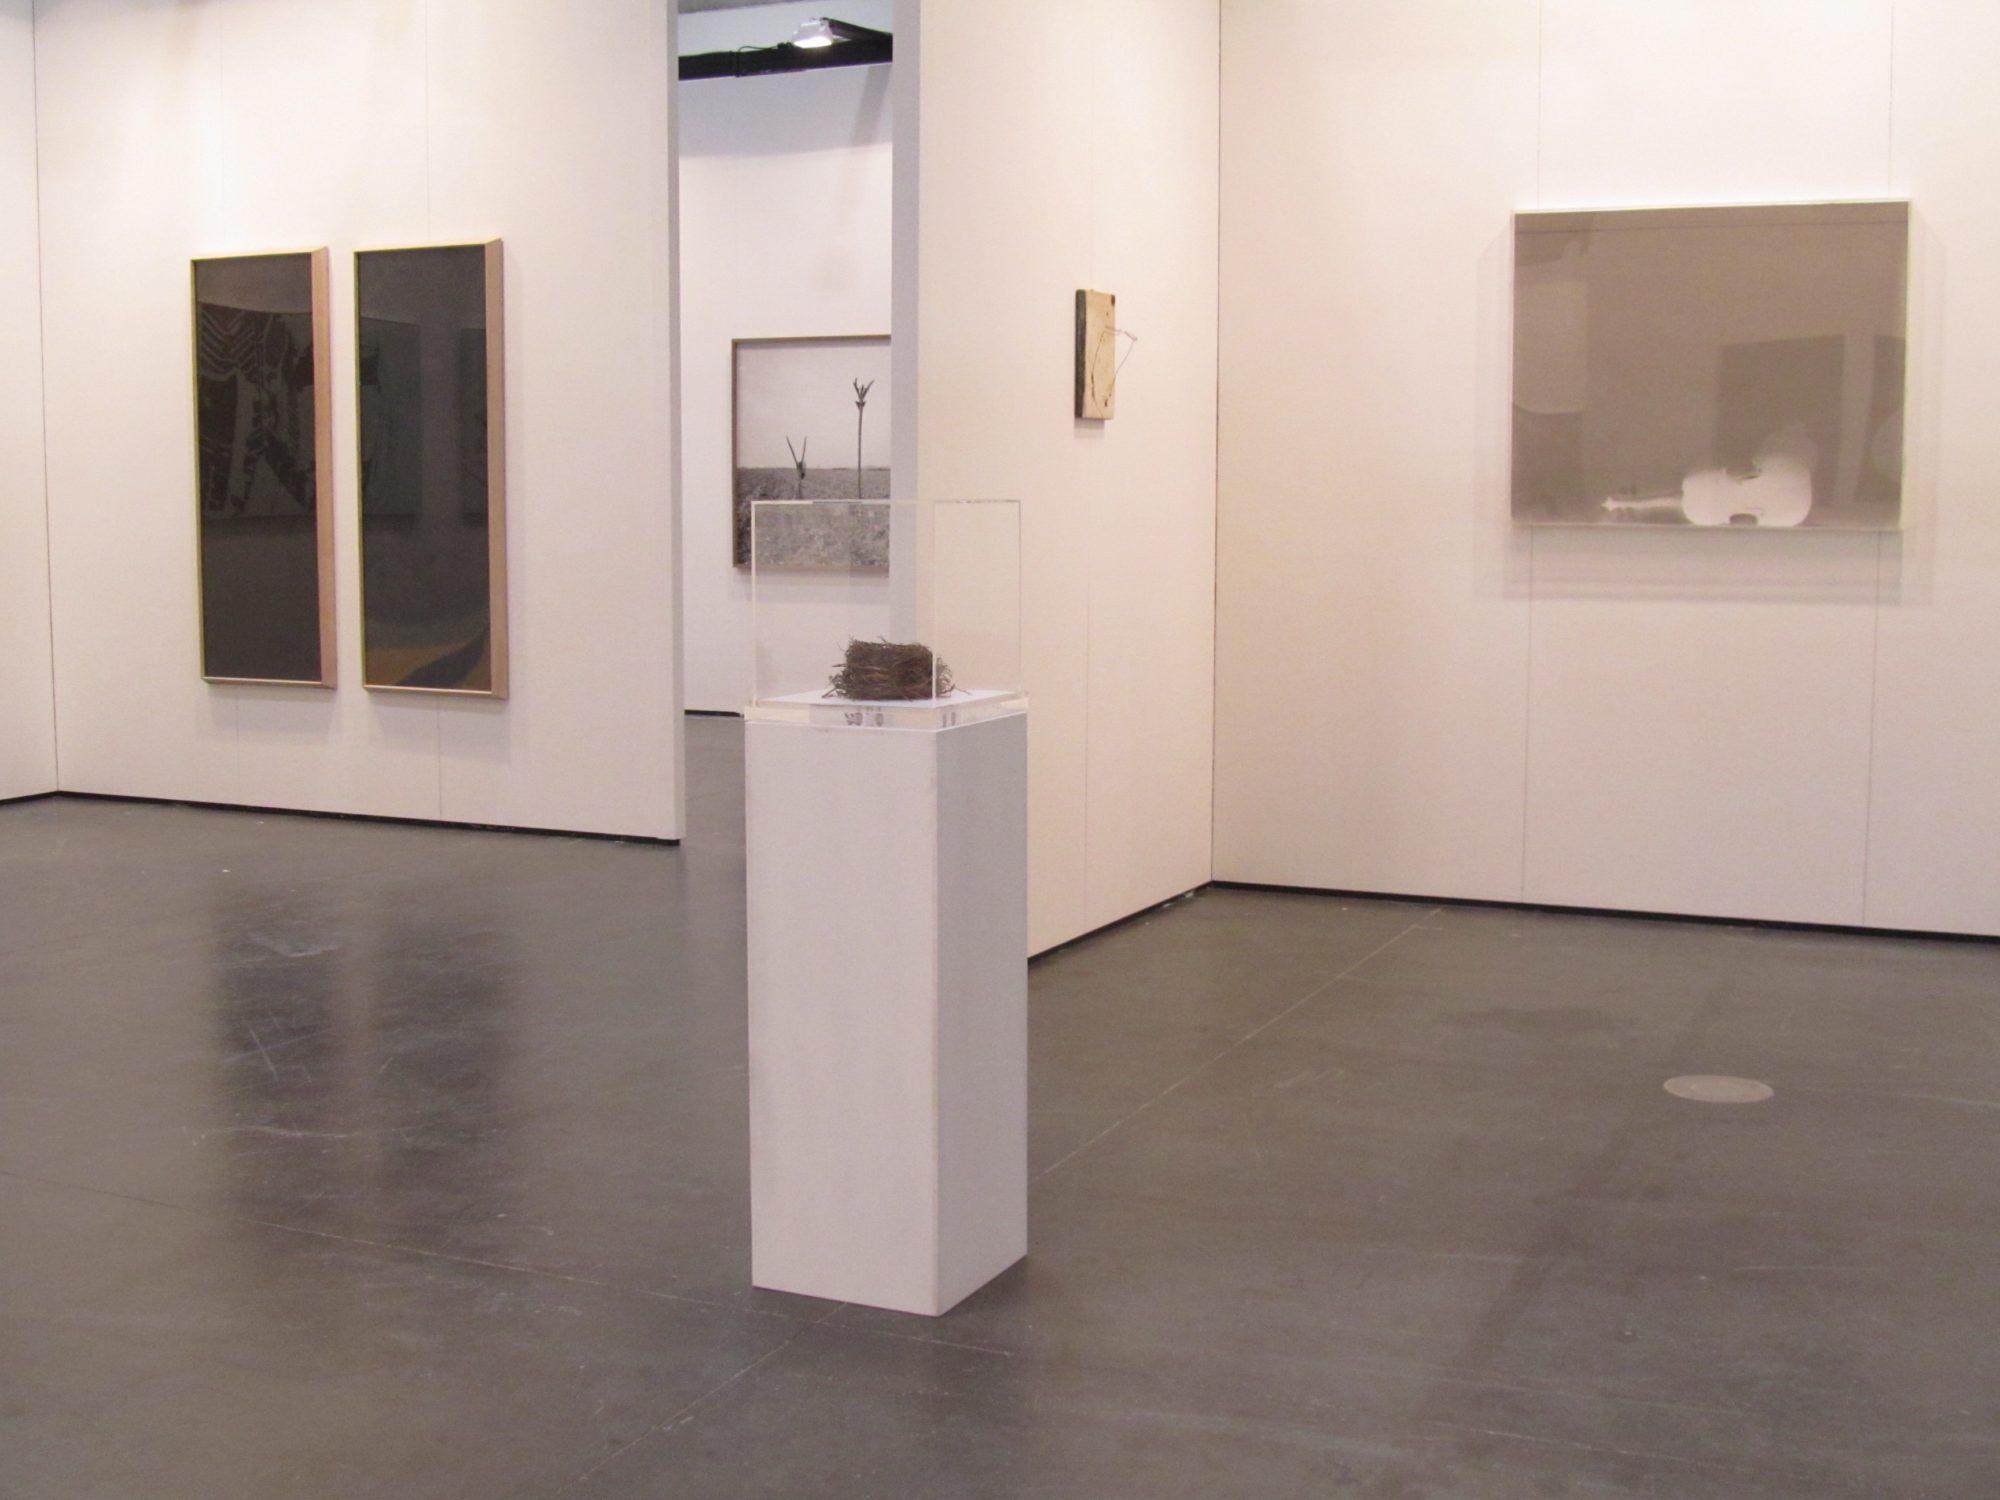 Galleria De' Foscherari - ArtVerona 2018